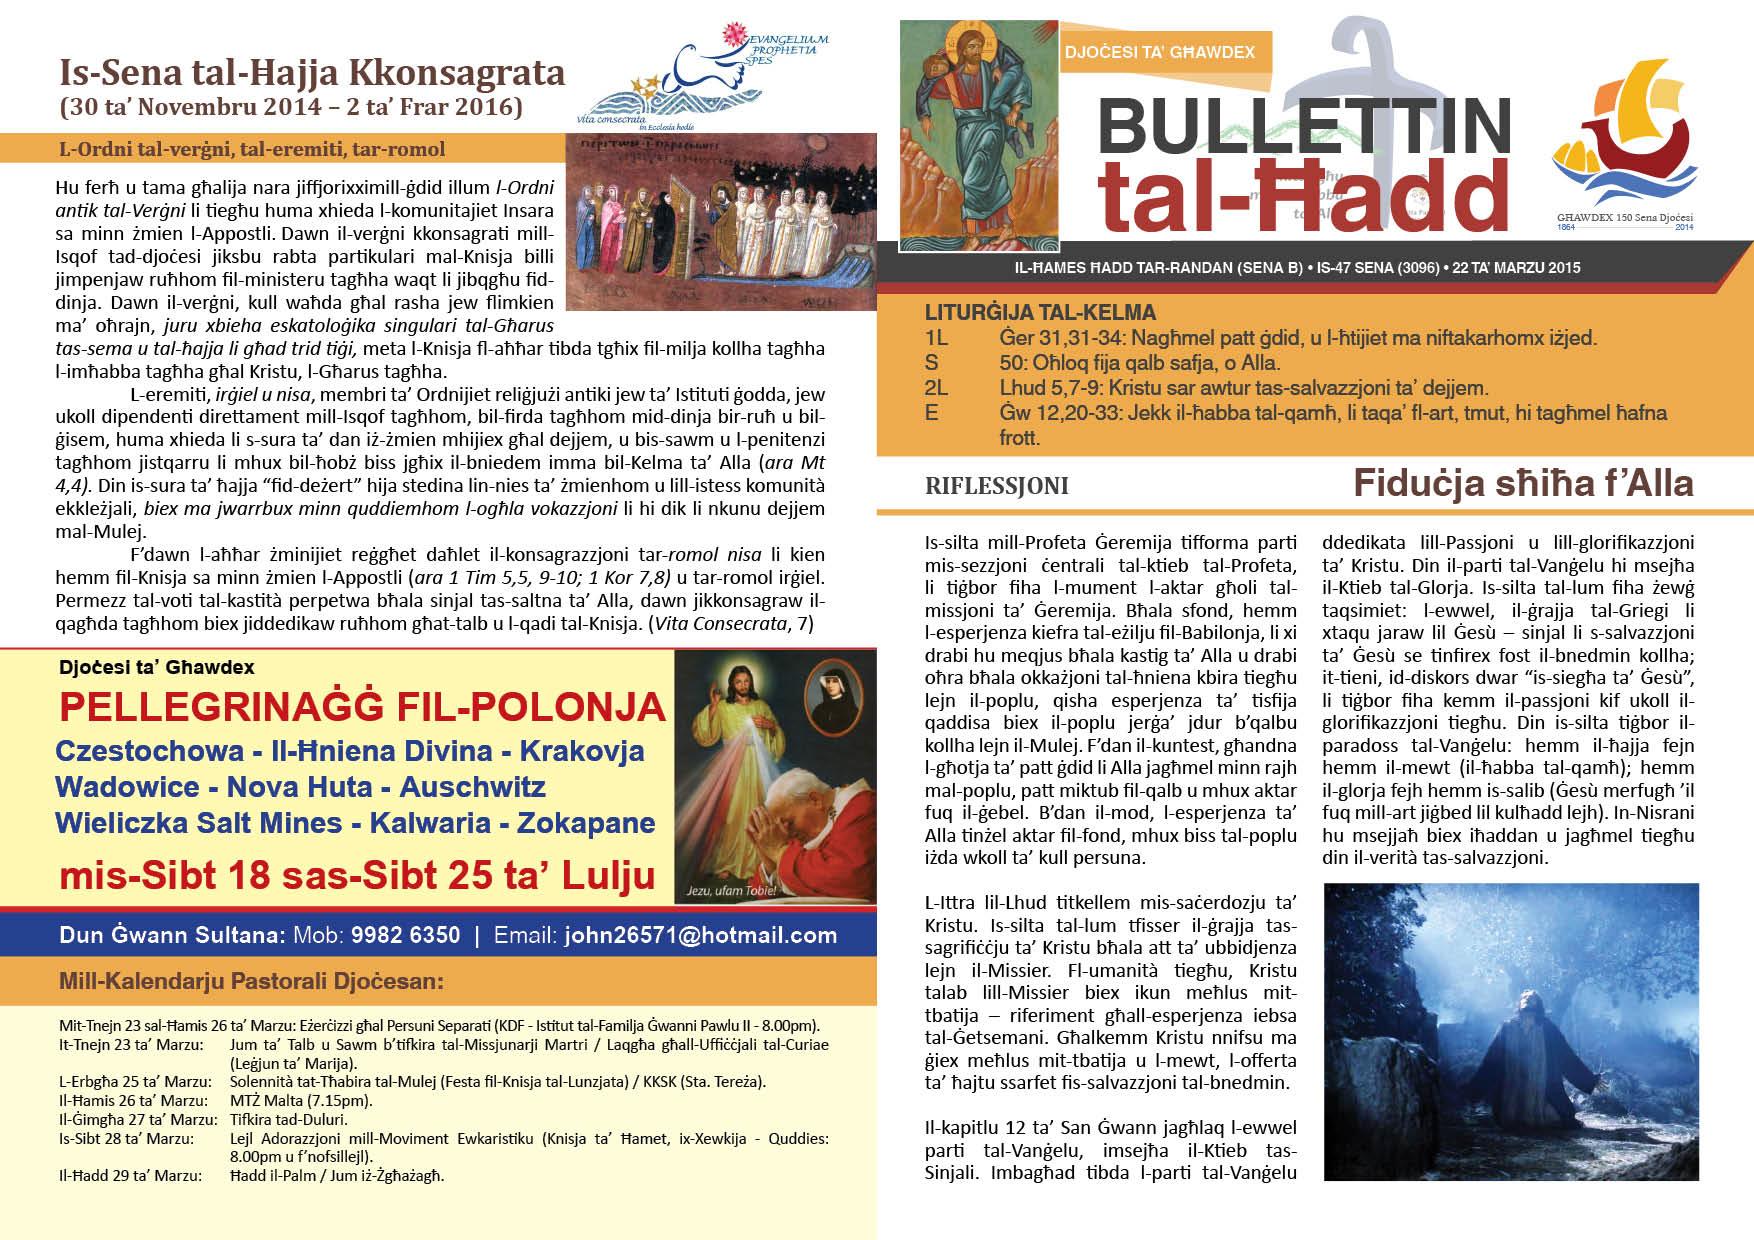 bullettin-2015-marzu-22.jpg